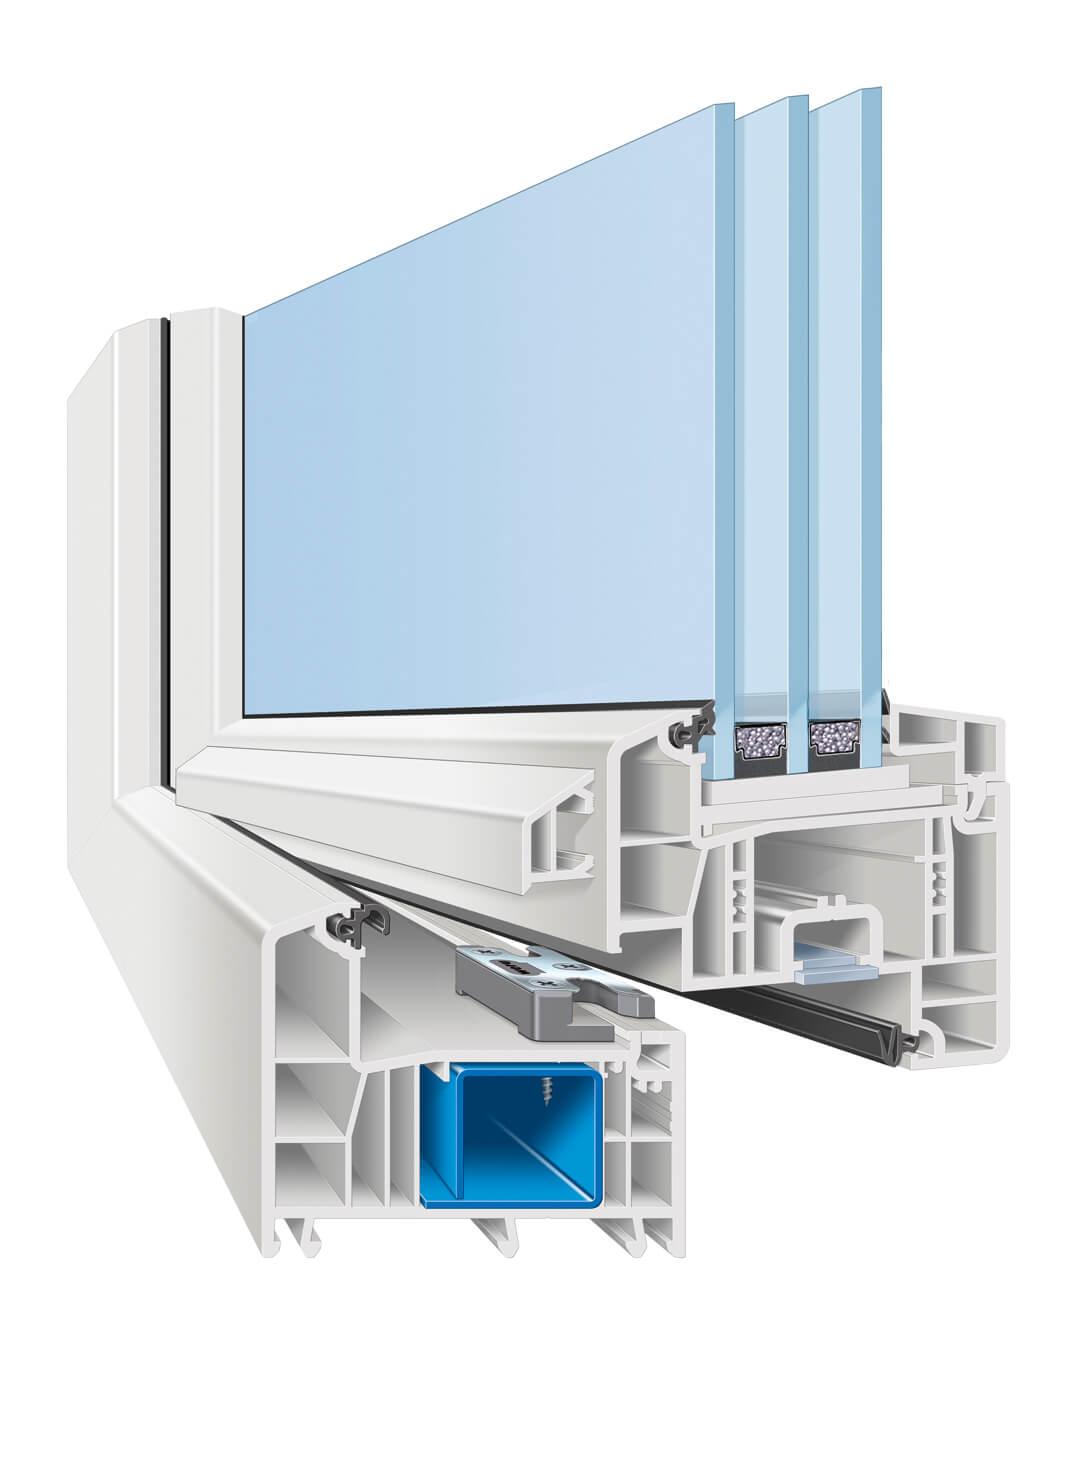 Full Size of Weru Fenster Afino One Preis Preisliste Preisvergleich Preise Berechnen Castello Dreifachverglasung Hochwertige Magefertigte Kunststofffenster Tec Gmbh Fenster Weru Fenster Preise